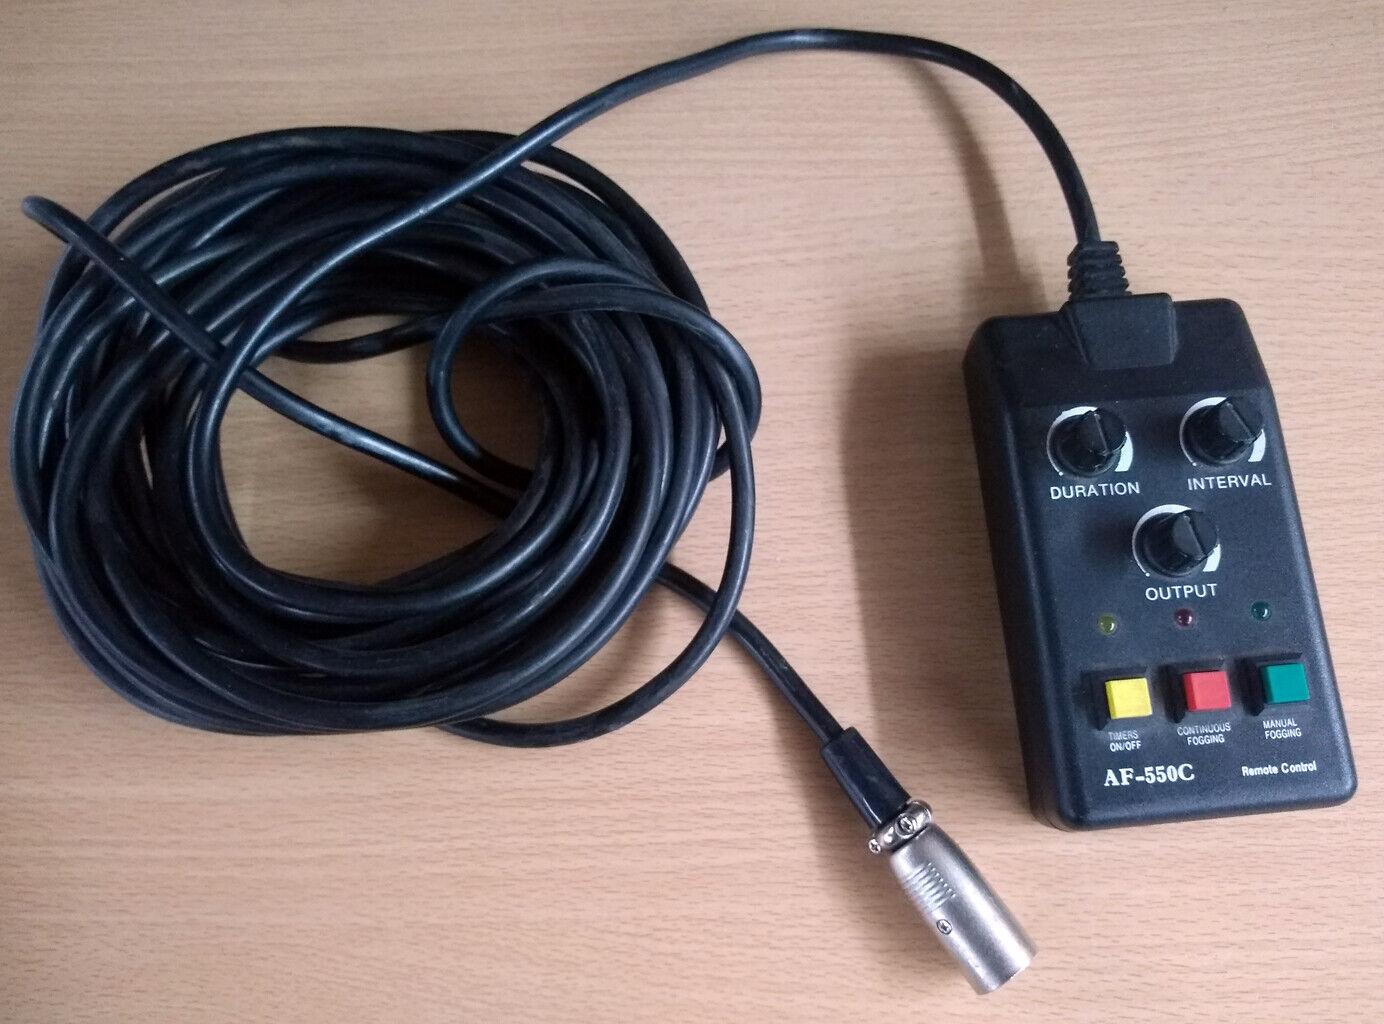 Used AF-550C 5 PIN Fogger Remote